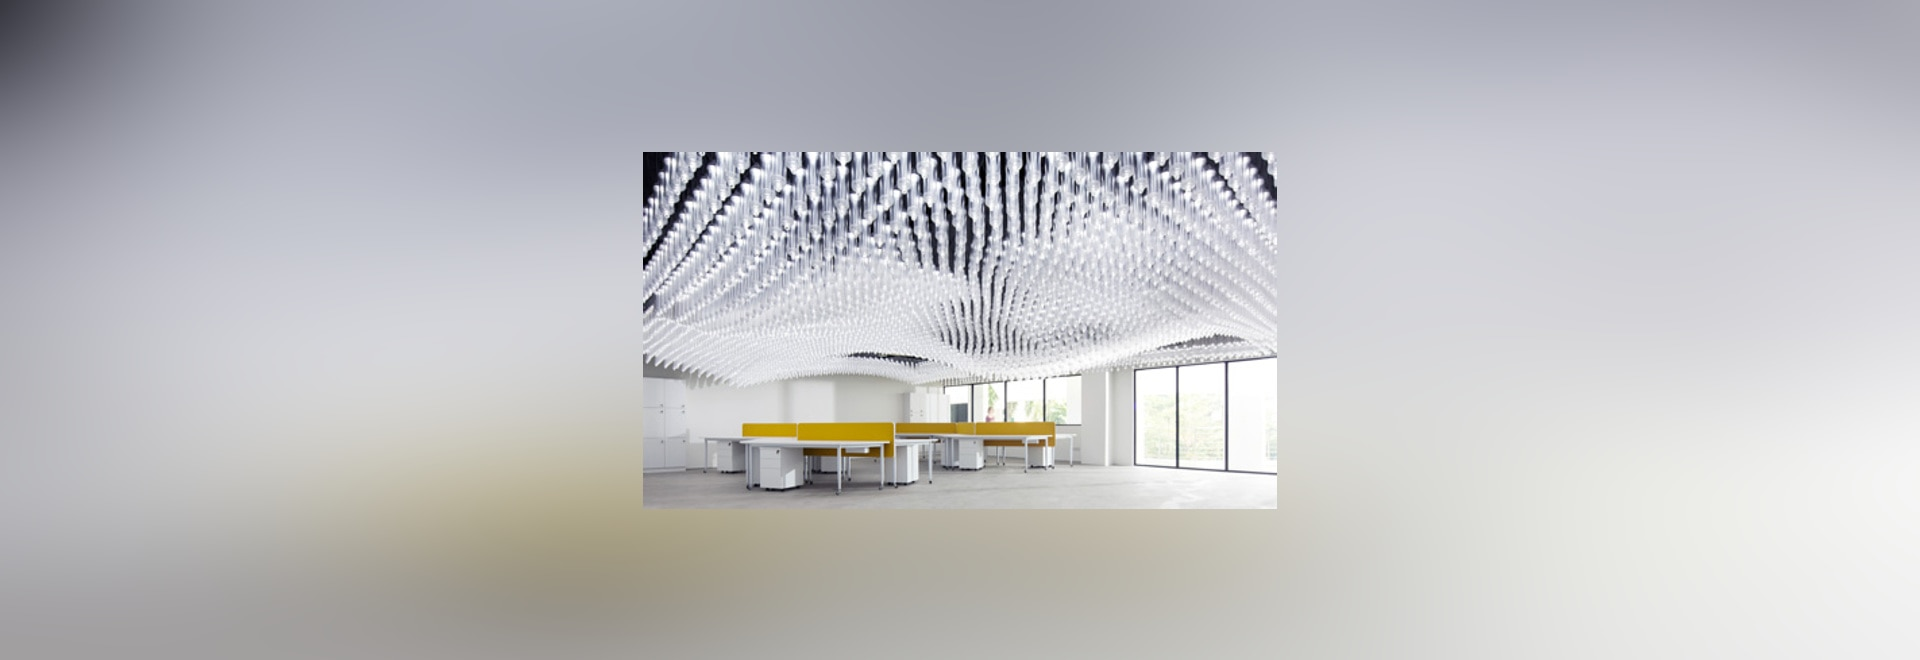 """El techo del centro de investigación de la universidad de Singapur consiste en """"6.000 luces movibles"""""""